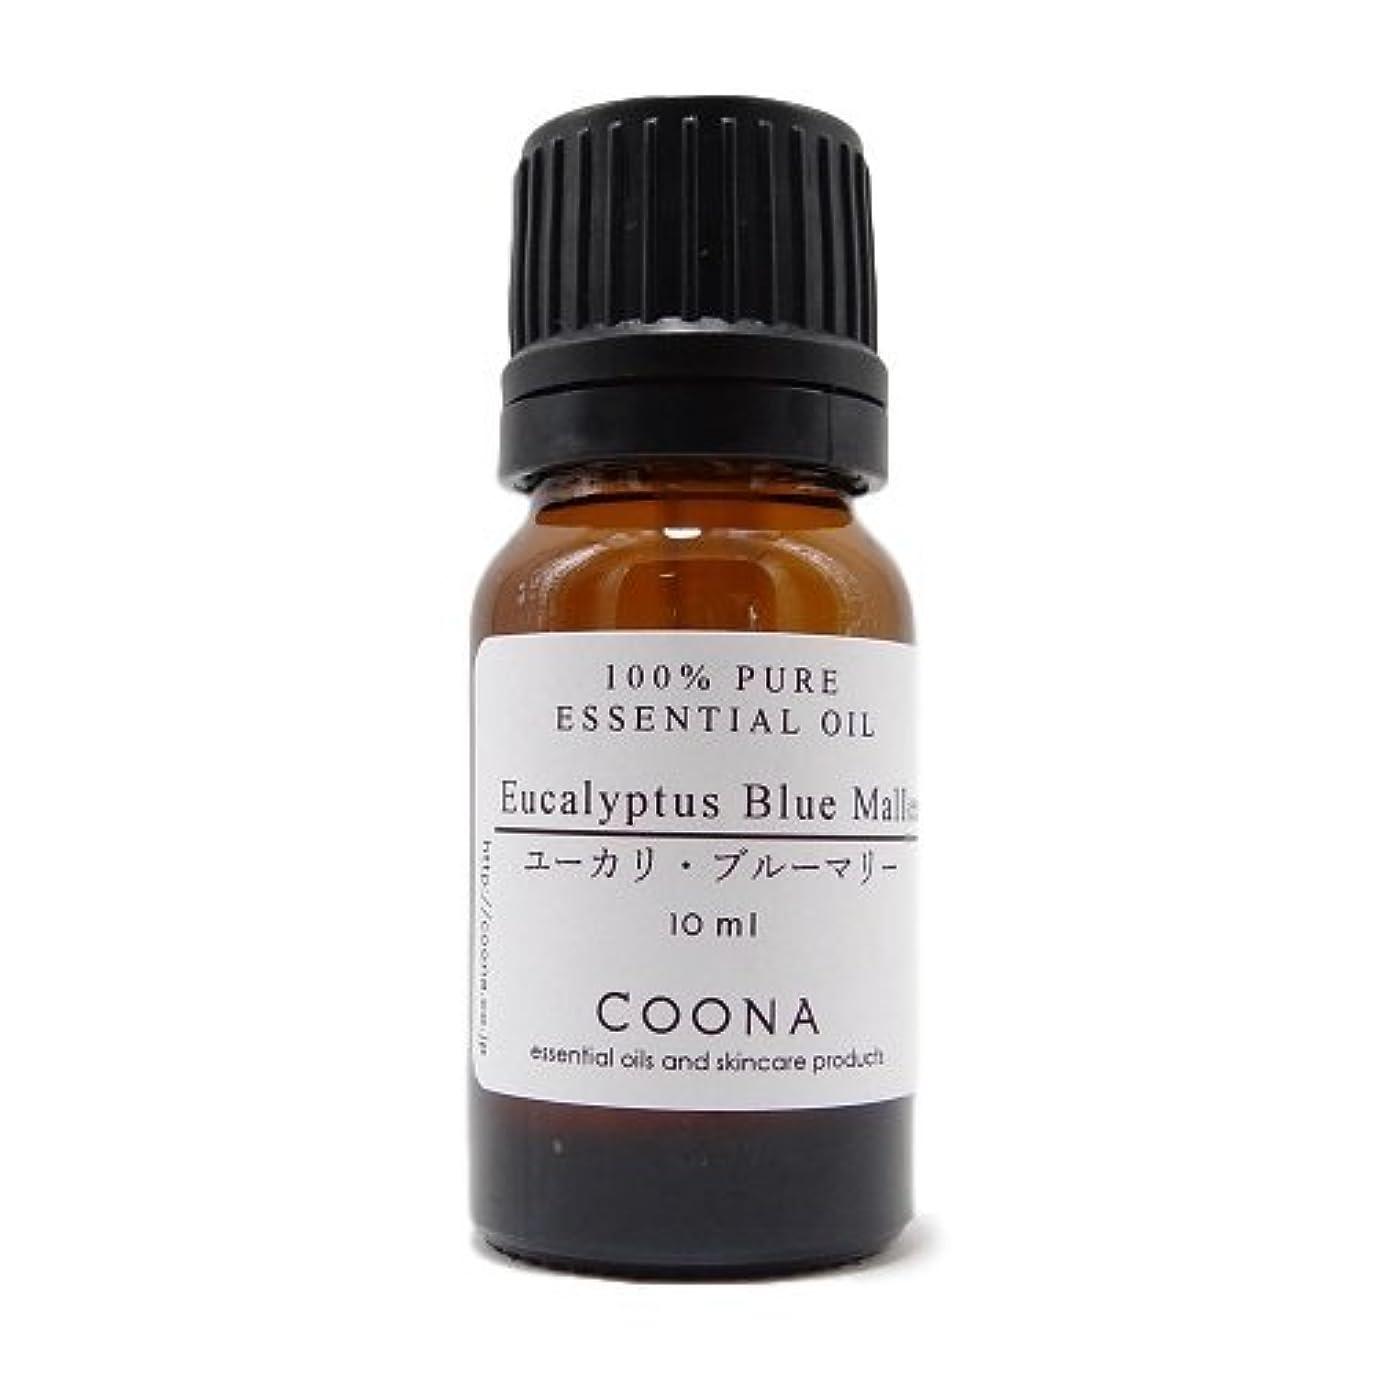 属性請願者懐疑的ユーカリ ブルーマリー 10ml (COONA エッセンシャルオイル アロマオイル 100%天然植物精油)